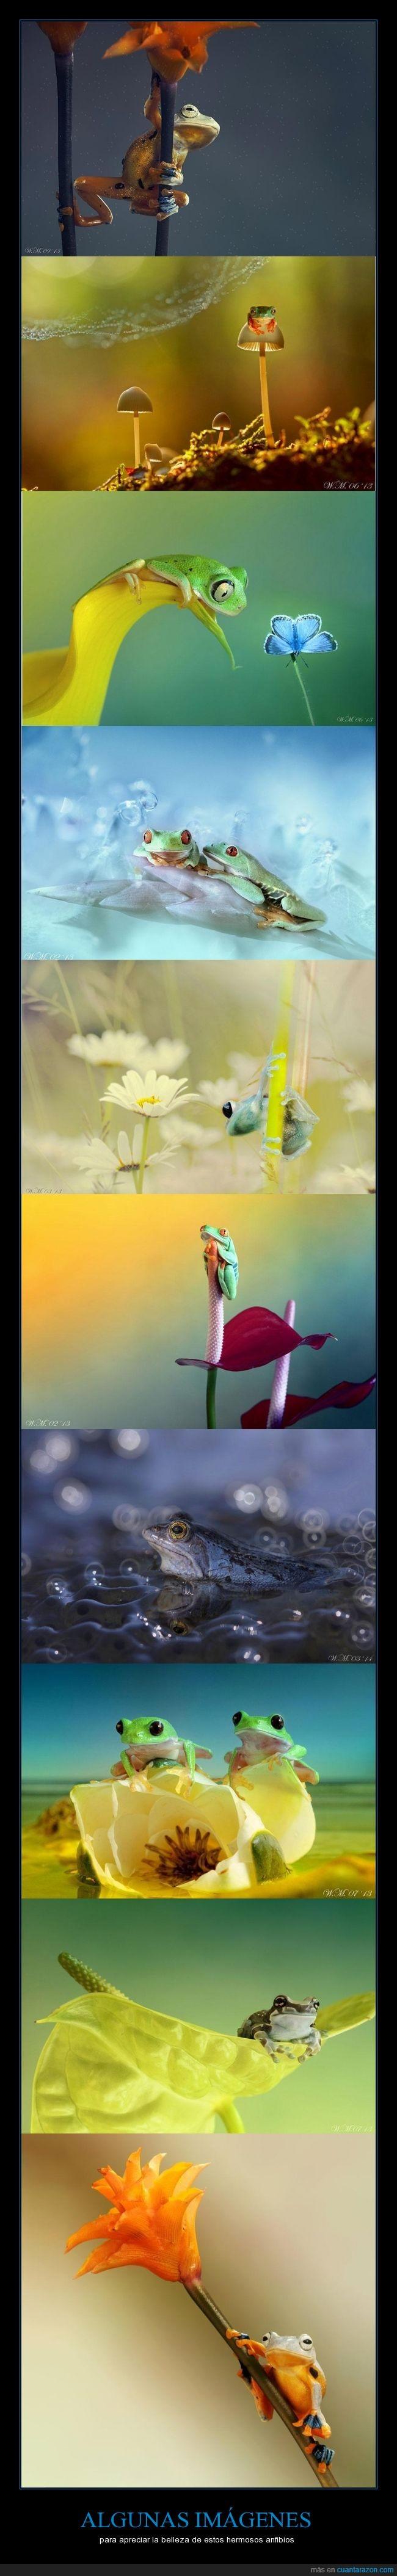 anfibio,belleza,fotografía,rana,ranas